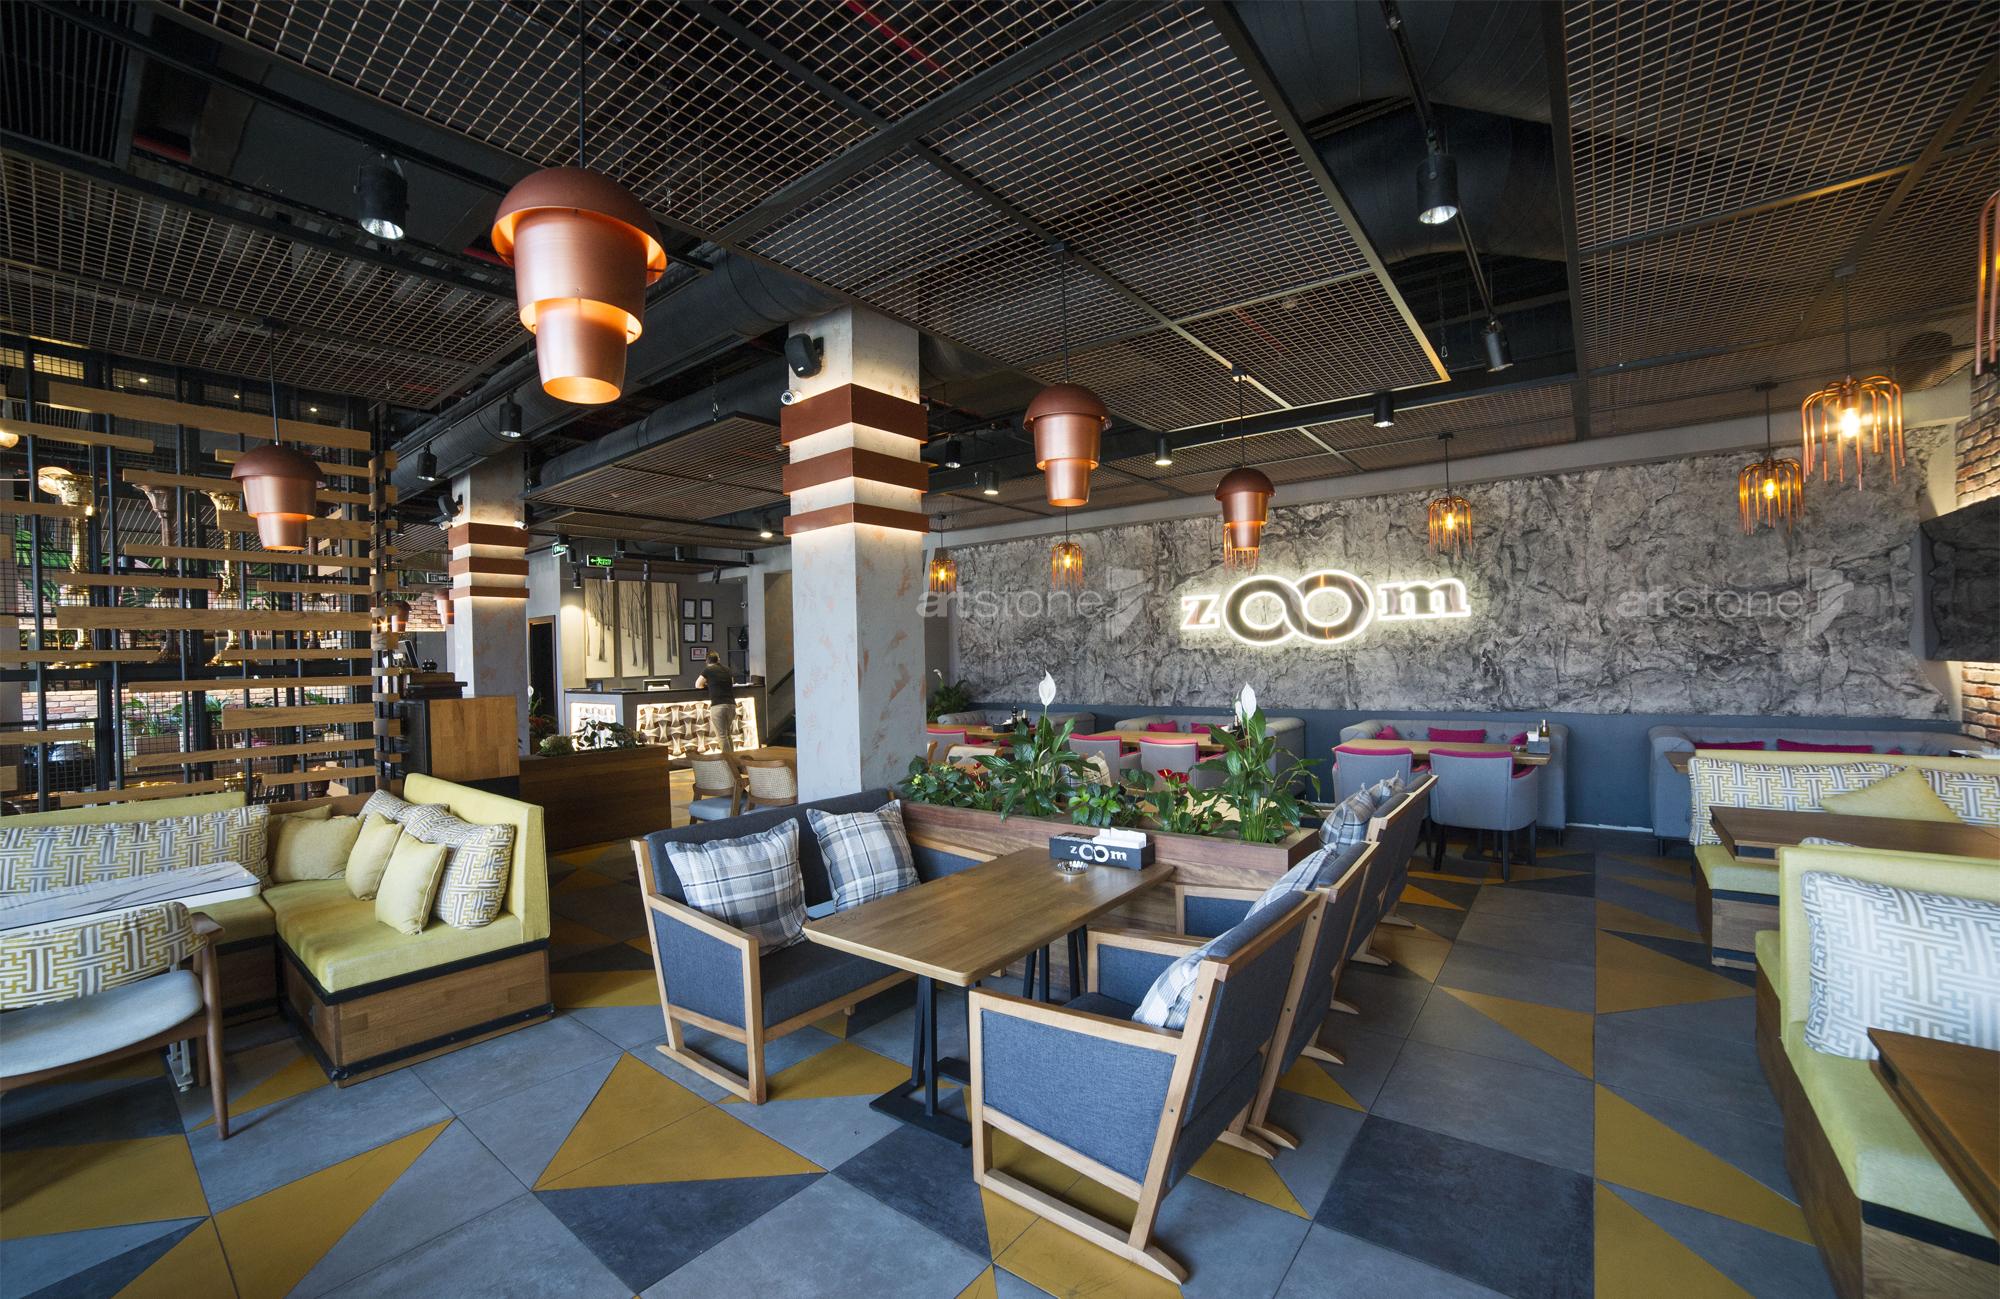 kaya-gorunumlu-duvar-paneli-cafe-dekorasyon